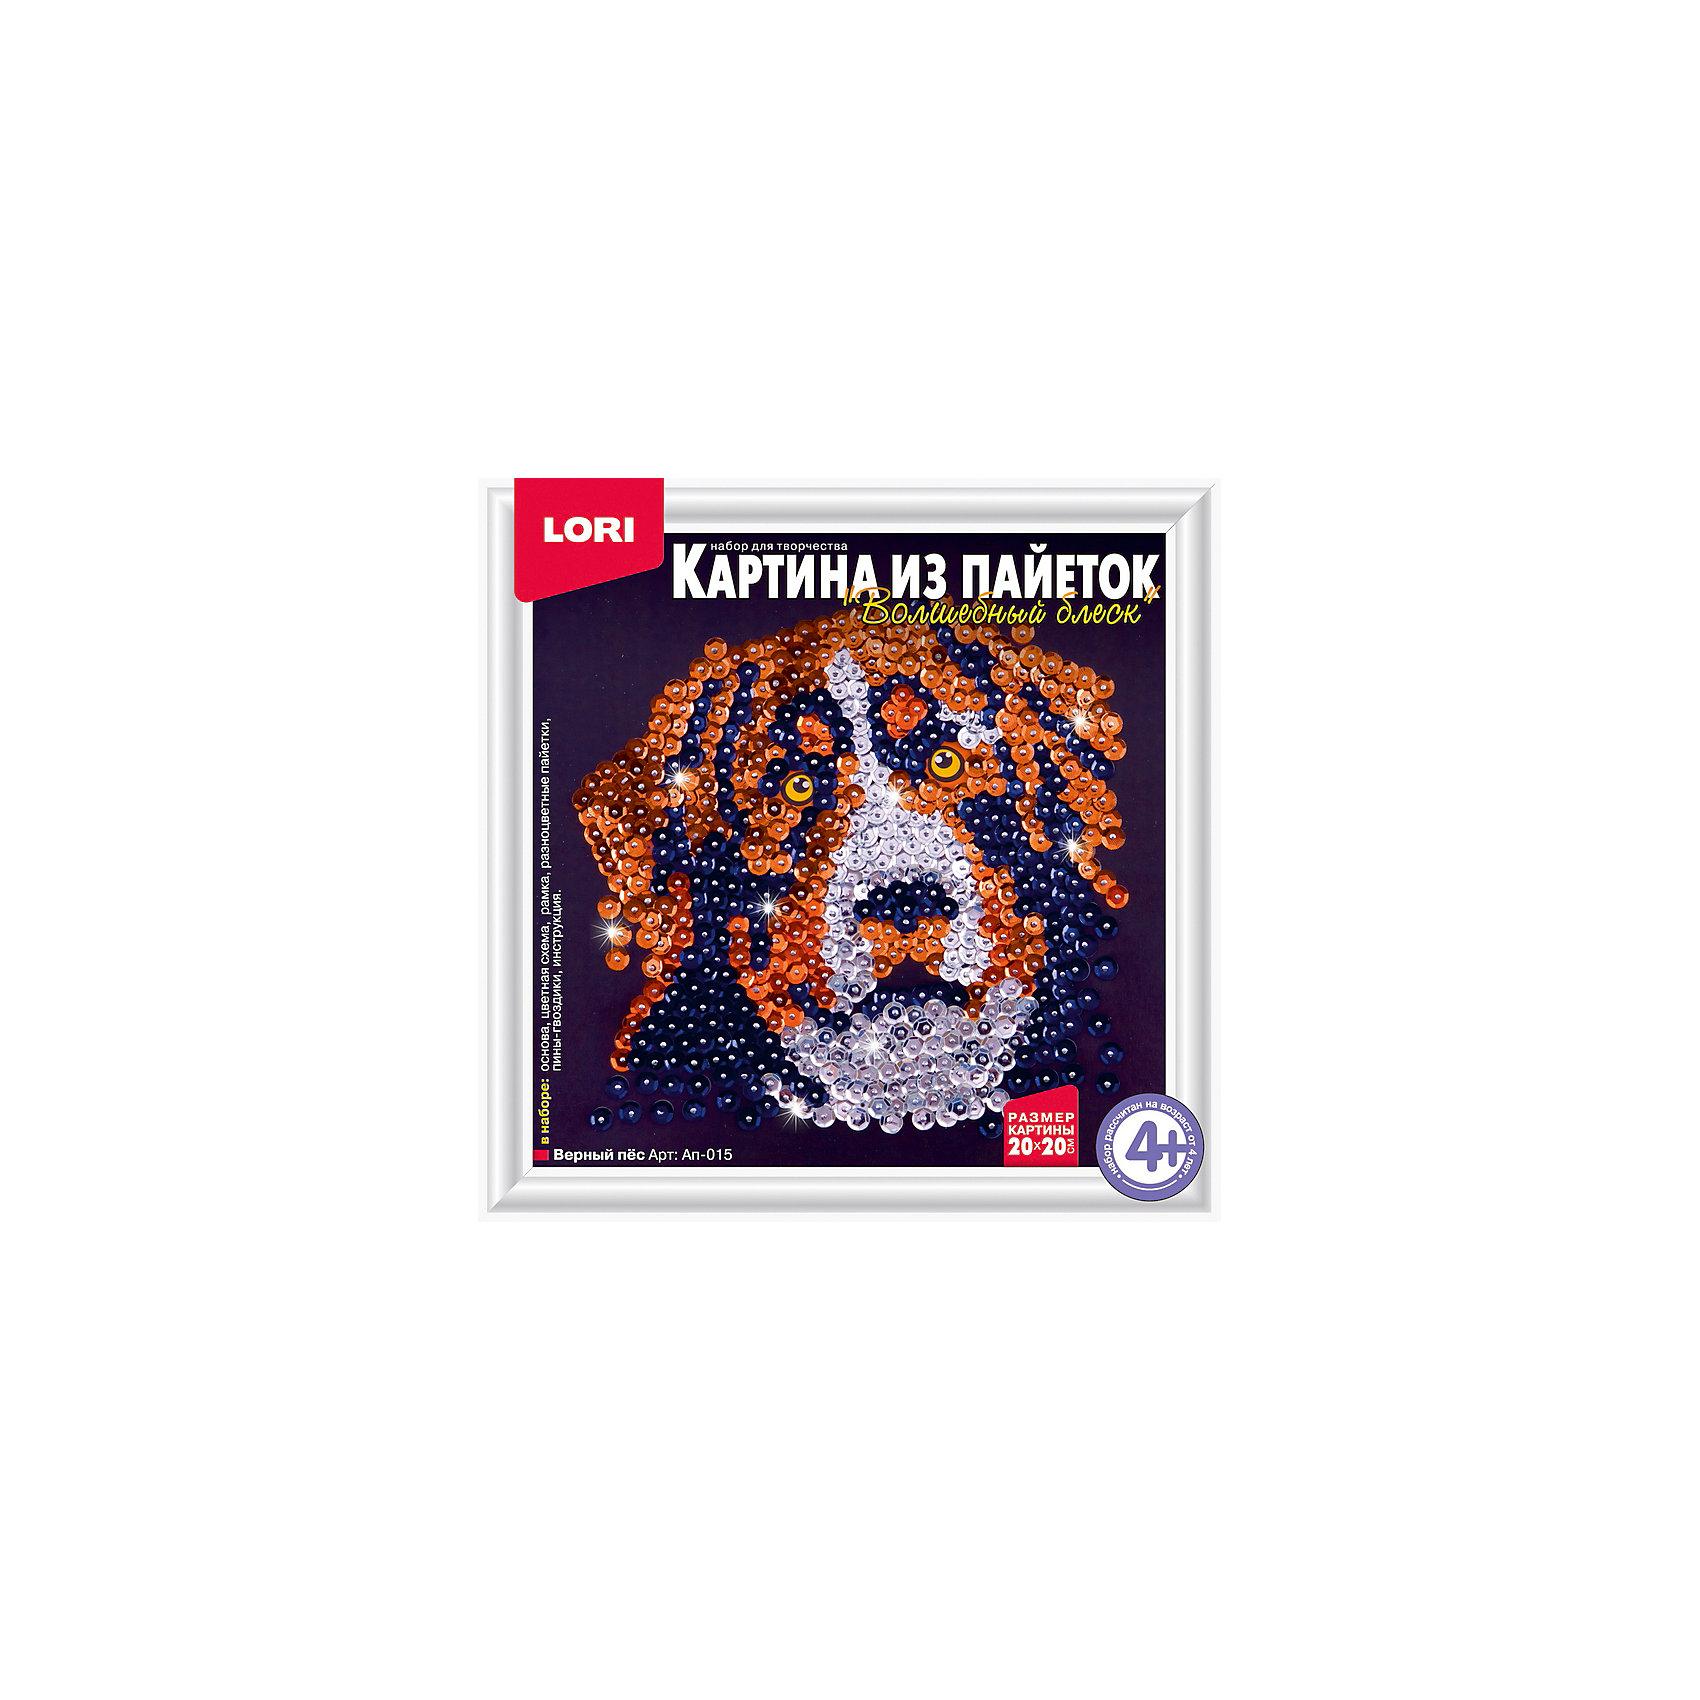 Картина из пайеток Верный пес, LORIМозаика<br>Приобщайте ребенка к творчеству с замечательным набором для создания картины из пайеток Верный пес от LORI (ЛОРИ)! Пайетки блестящие и очень привлекательные. С помощью специальных гвоздиков ребенок соберет настоящую мозаику из пайеток. Верный пес - очень оригинальный набор, с помощью которого ребенок сможет создать невероятной красоты сувенир своими руками. Рамку для замечательной картины тоже можно создать из деталей набора. Кропотливая работа будет вознаграждена, ведь результат превзойдет все ожидания! Сверкающая и переливающаяся мордочка милого песика никого не оставит равнодушным! Картина не деформируется и не теряет форму со временем, поэтому будет долго радовать Вас своим блеском. Занятие с замечательным набором Верный пес от LORI (ЛОРИ) способствует развитию мышления, воображения ребенка и формирует эстетическое восприятие. <br><br>Дополнительная информация:<br><br>- Способствует развитию мышления, воображения и эстетического восприятия;<br>- В комплекте: основа, цветная схема, рамка, разноцветные пайетки, пины - гвоздики, инструкция;<br>- Оригинальный набор;<br>- Прекрасный подарок;<br>- Размер готовой картины: 20 х 20 см;<br>- Размер упаковки: 21 х 21 х 4 см;<br>- Вес: 150 г<br><br>Картину из пайеток Верный пес, LORI (ЛОРИ) можно купить в нашем интернет-магазине.<br><br>Ширина мм: 210<br>Глубина мм: 210<br>Высота мм: 40<br>Вес г: 150<br>Возраст от месяцев: 48<br>Возраст до месяцев: 144<br>Пол: Унисекс<br>Возраст: Детский<br>SKU: 4073058